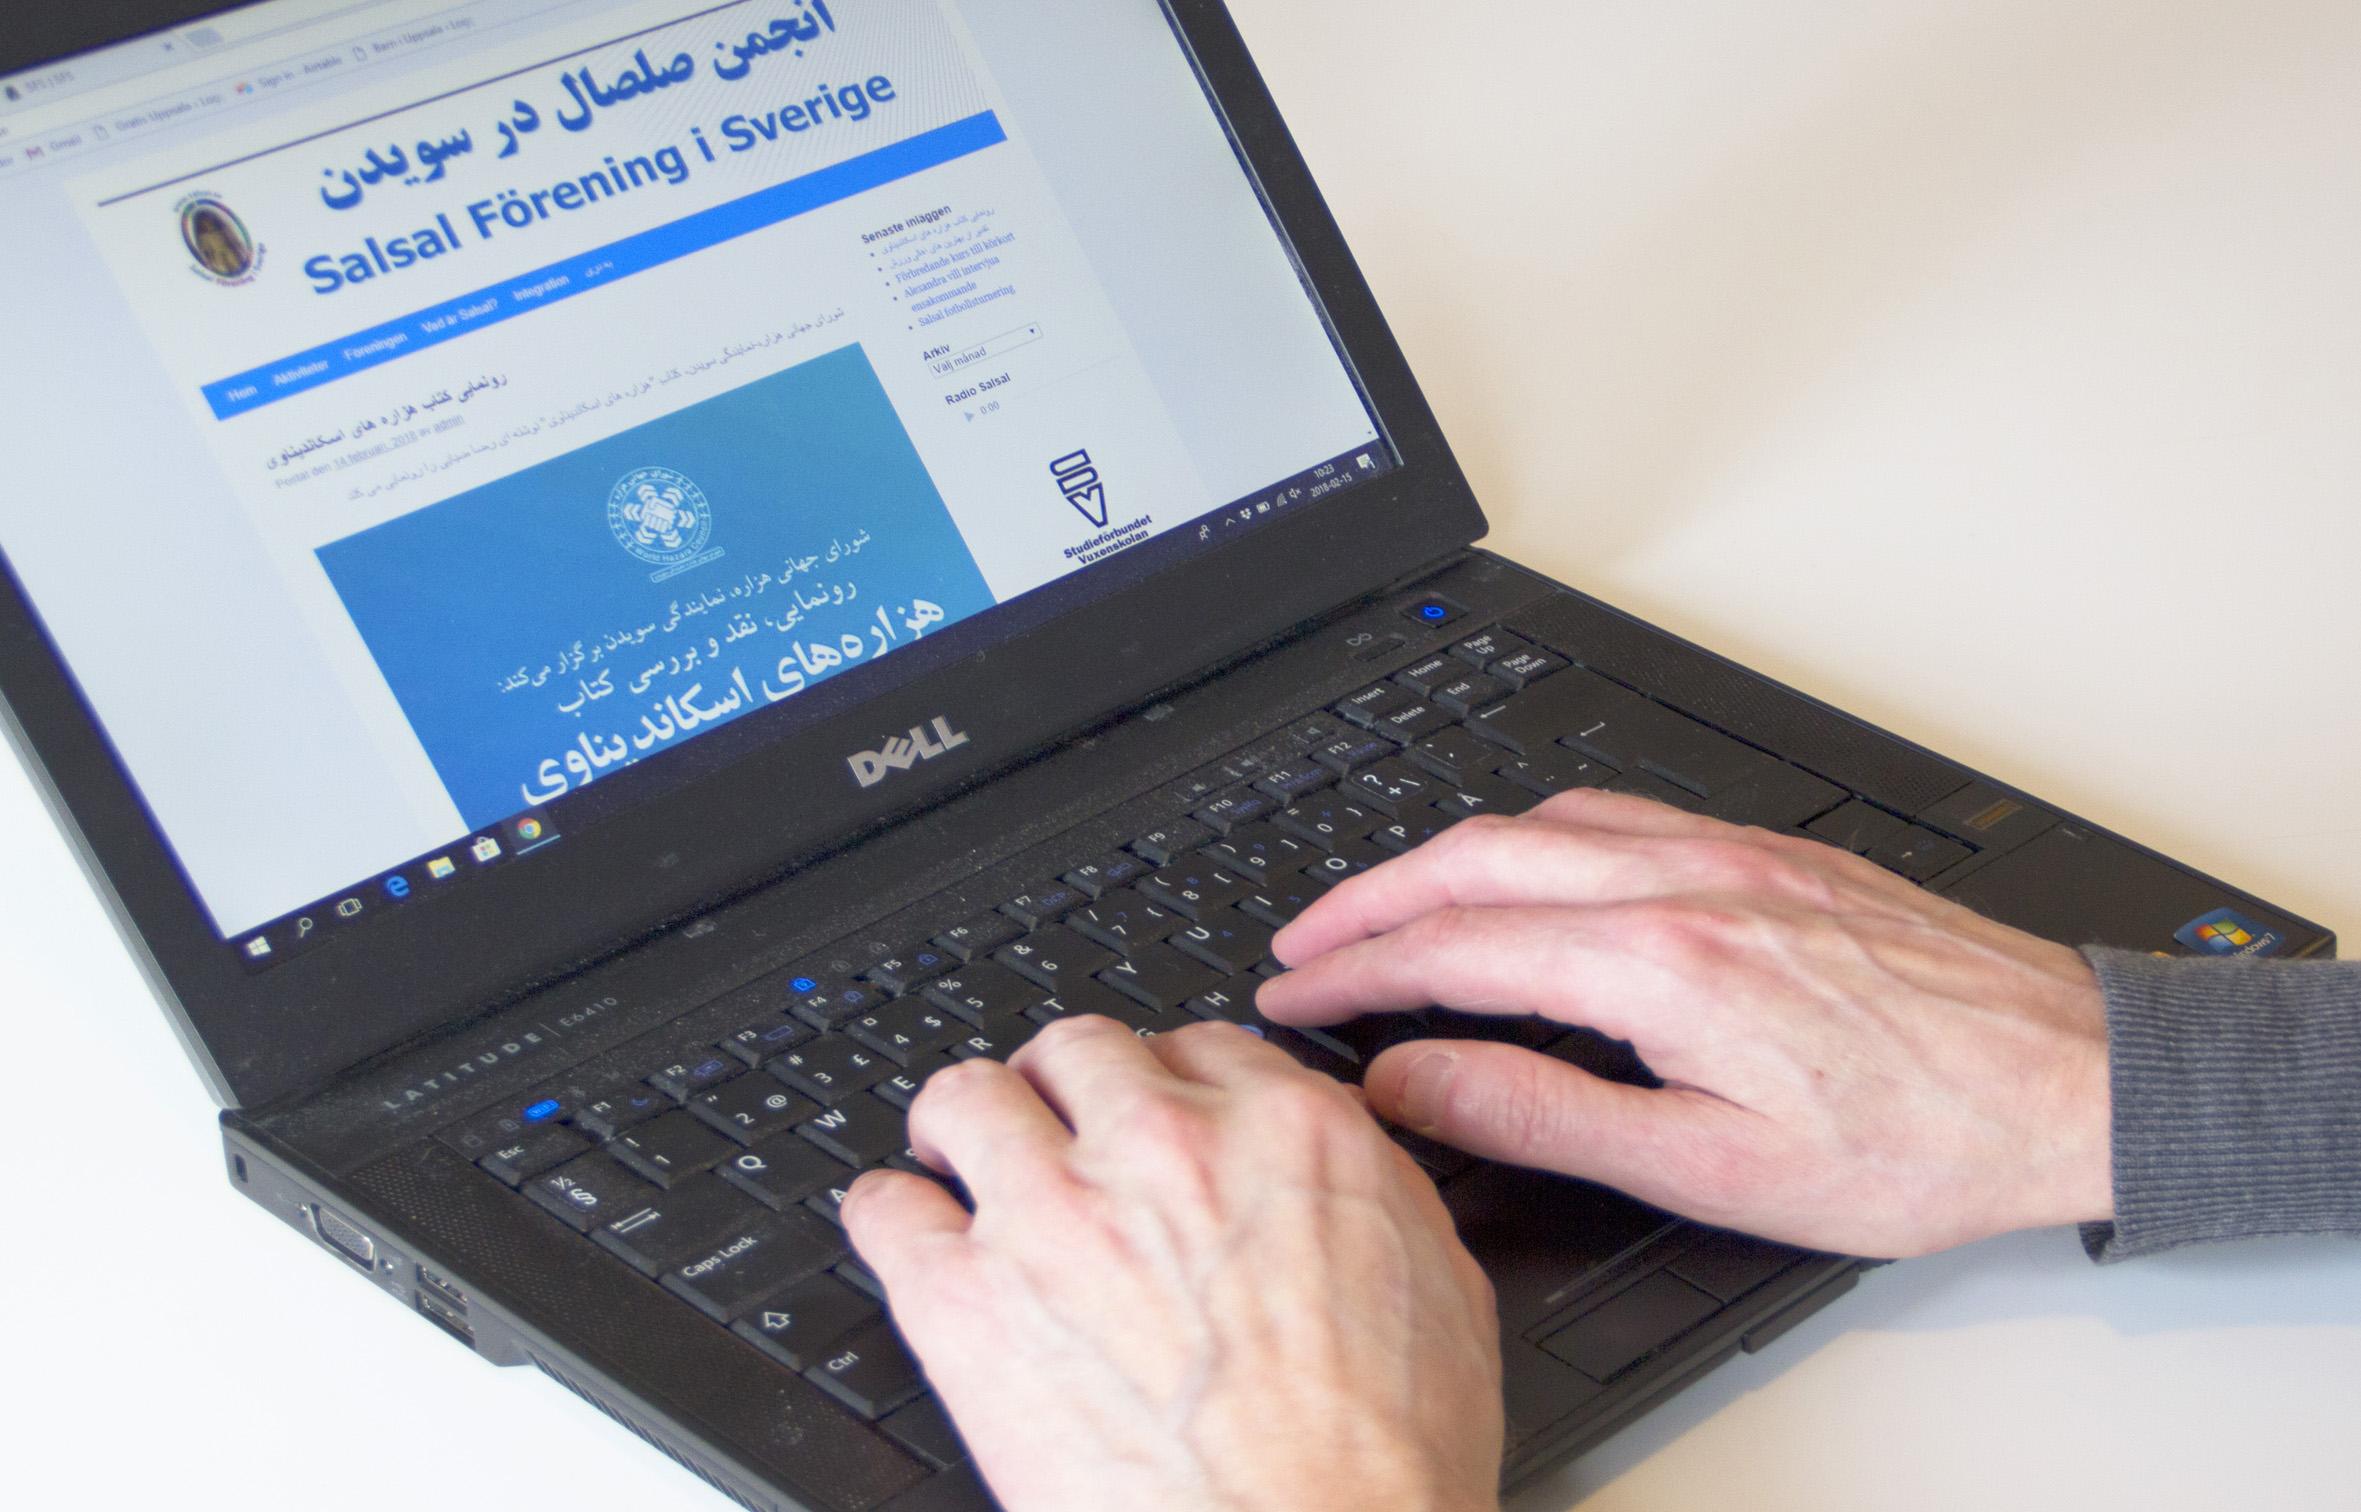 Föreningshjälpen, webbutveckling, händer på laptop